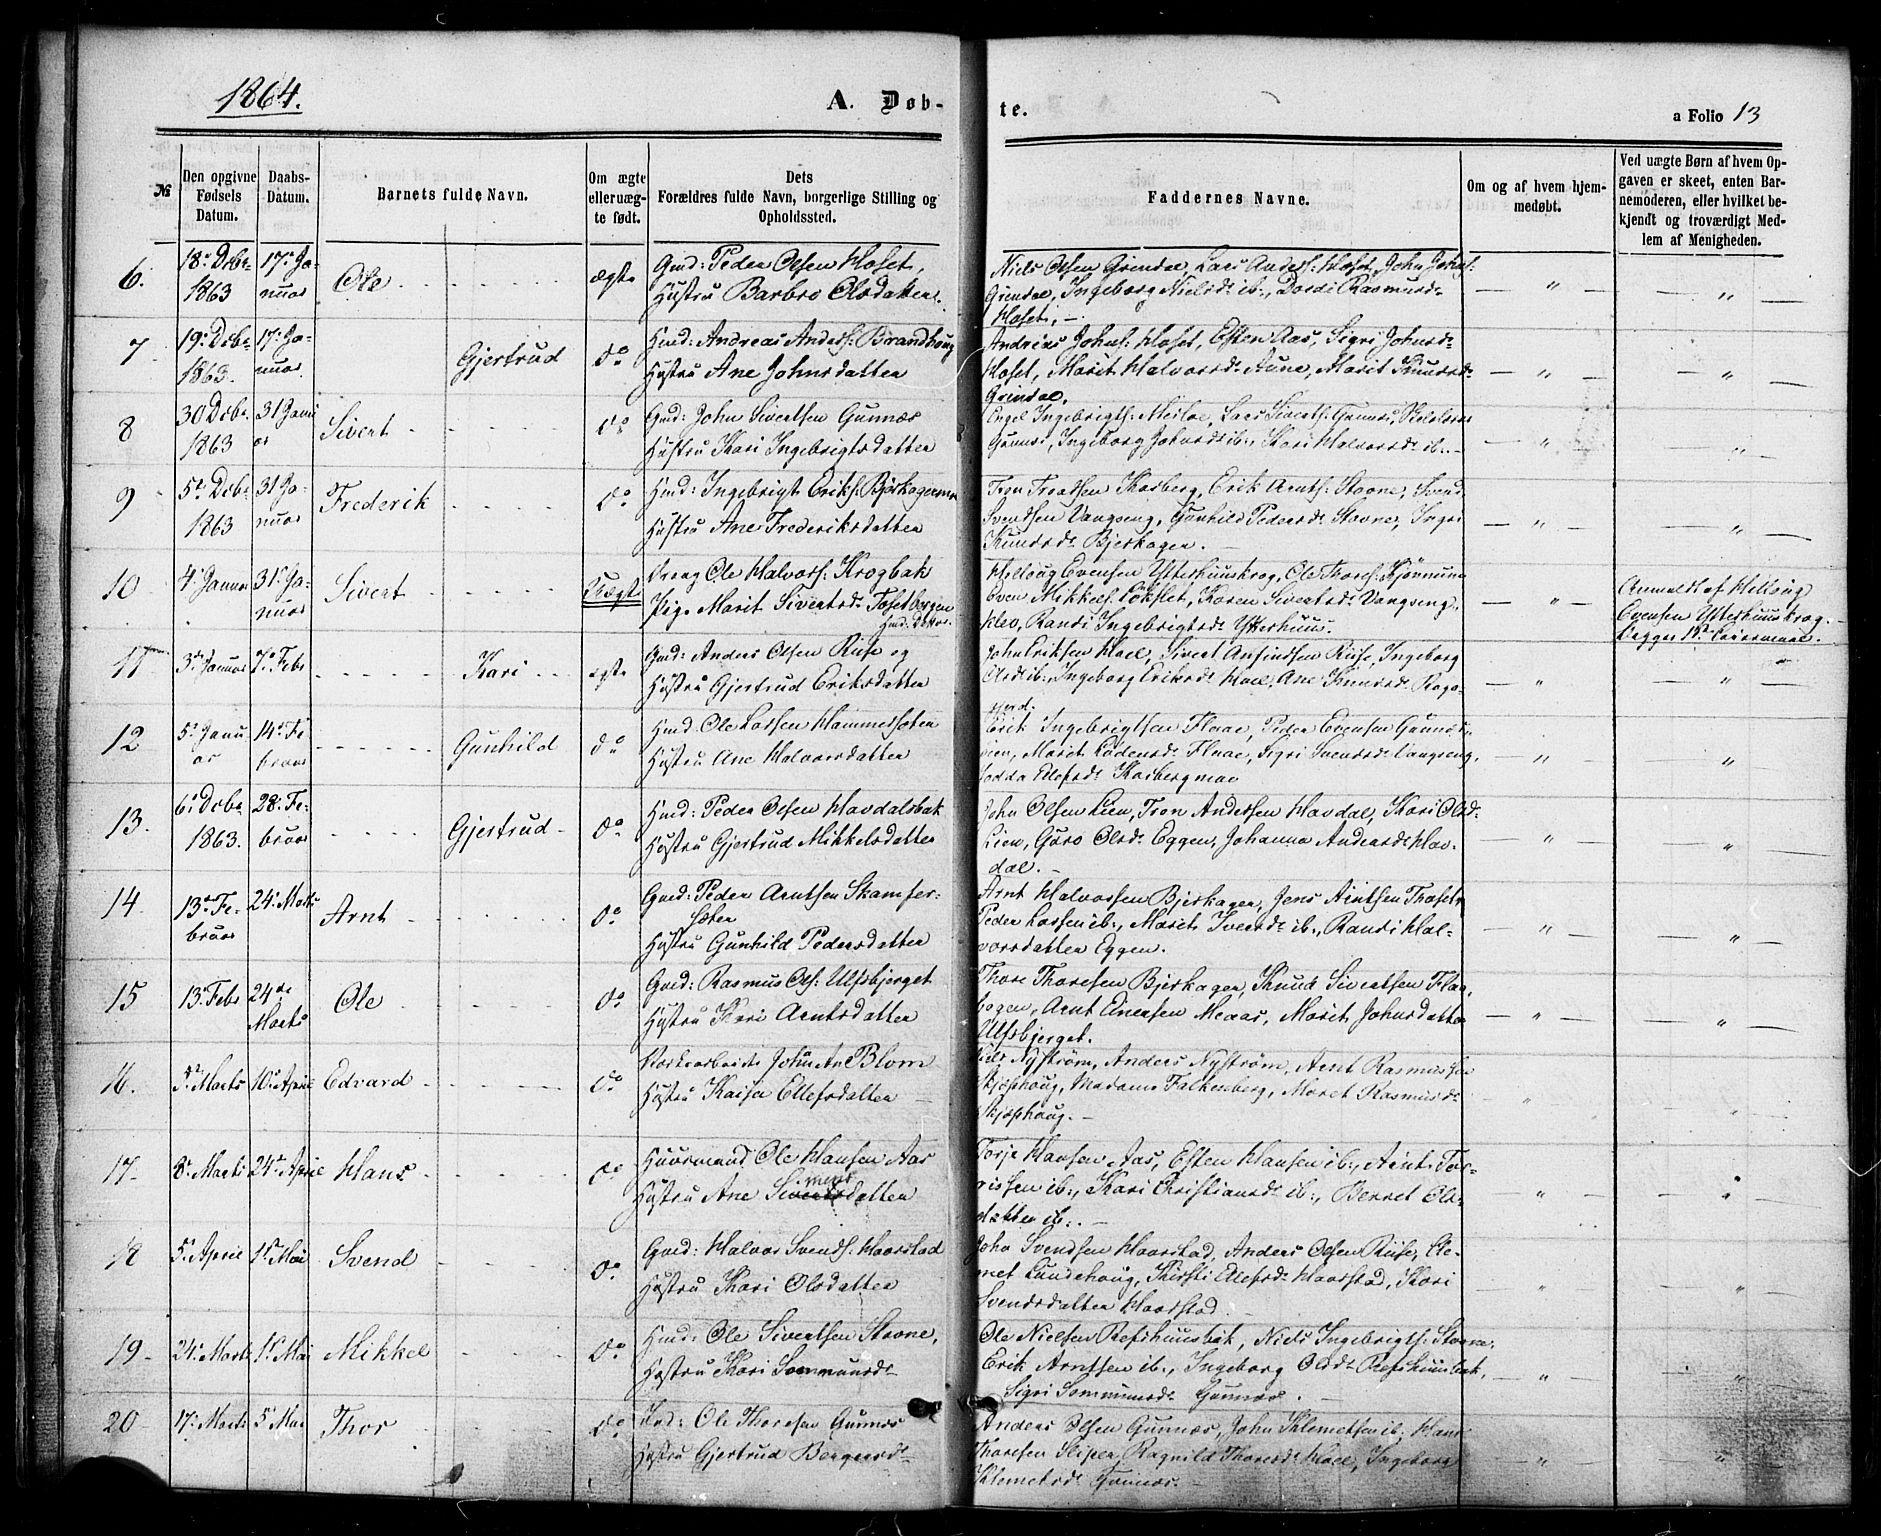 SAT, Ministerialprotokoller, klokkerbøker og fødselsregistre - Sør-Trøndelag, 674/L0870: Ministerialbok nr. 674A02, 1861-1879, s. 13